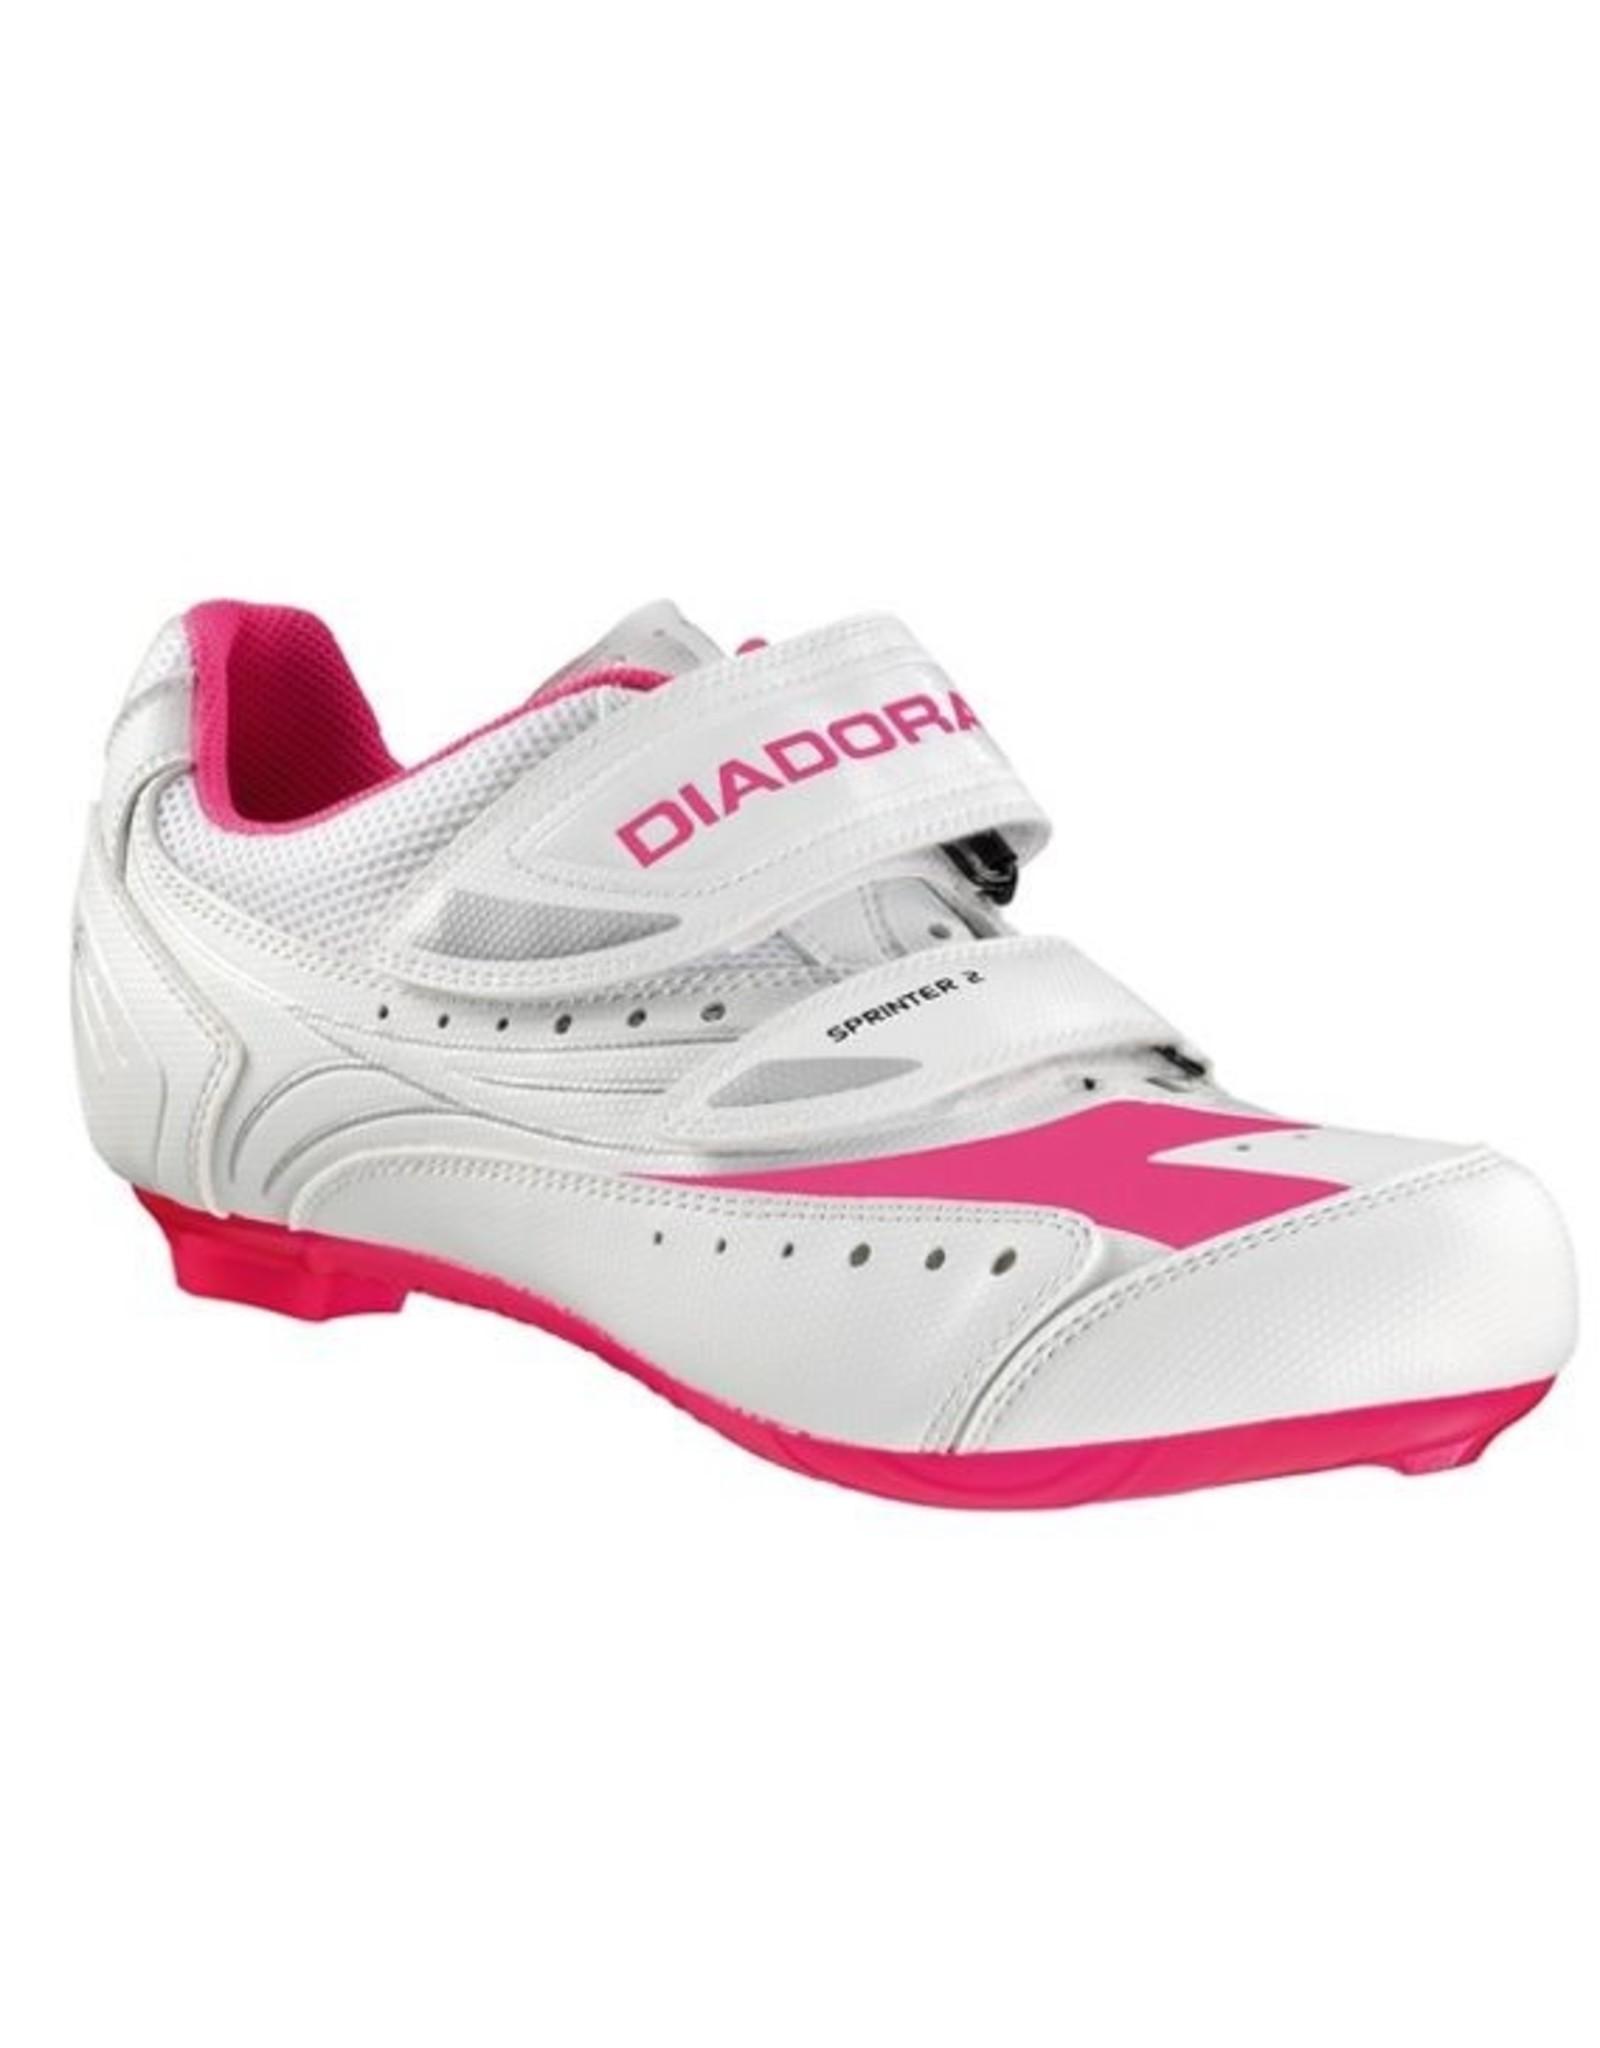 Diadora Shoes Diadora Sprinter2 white/pink #37